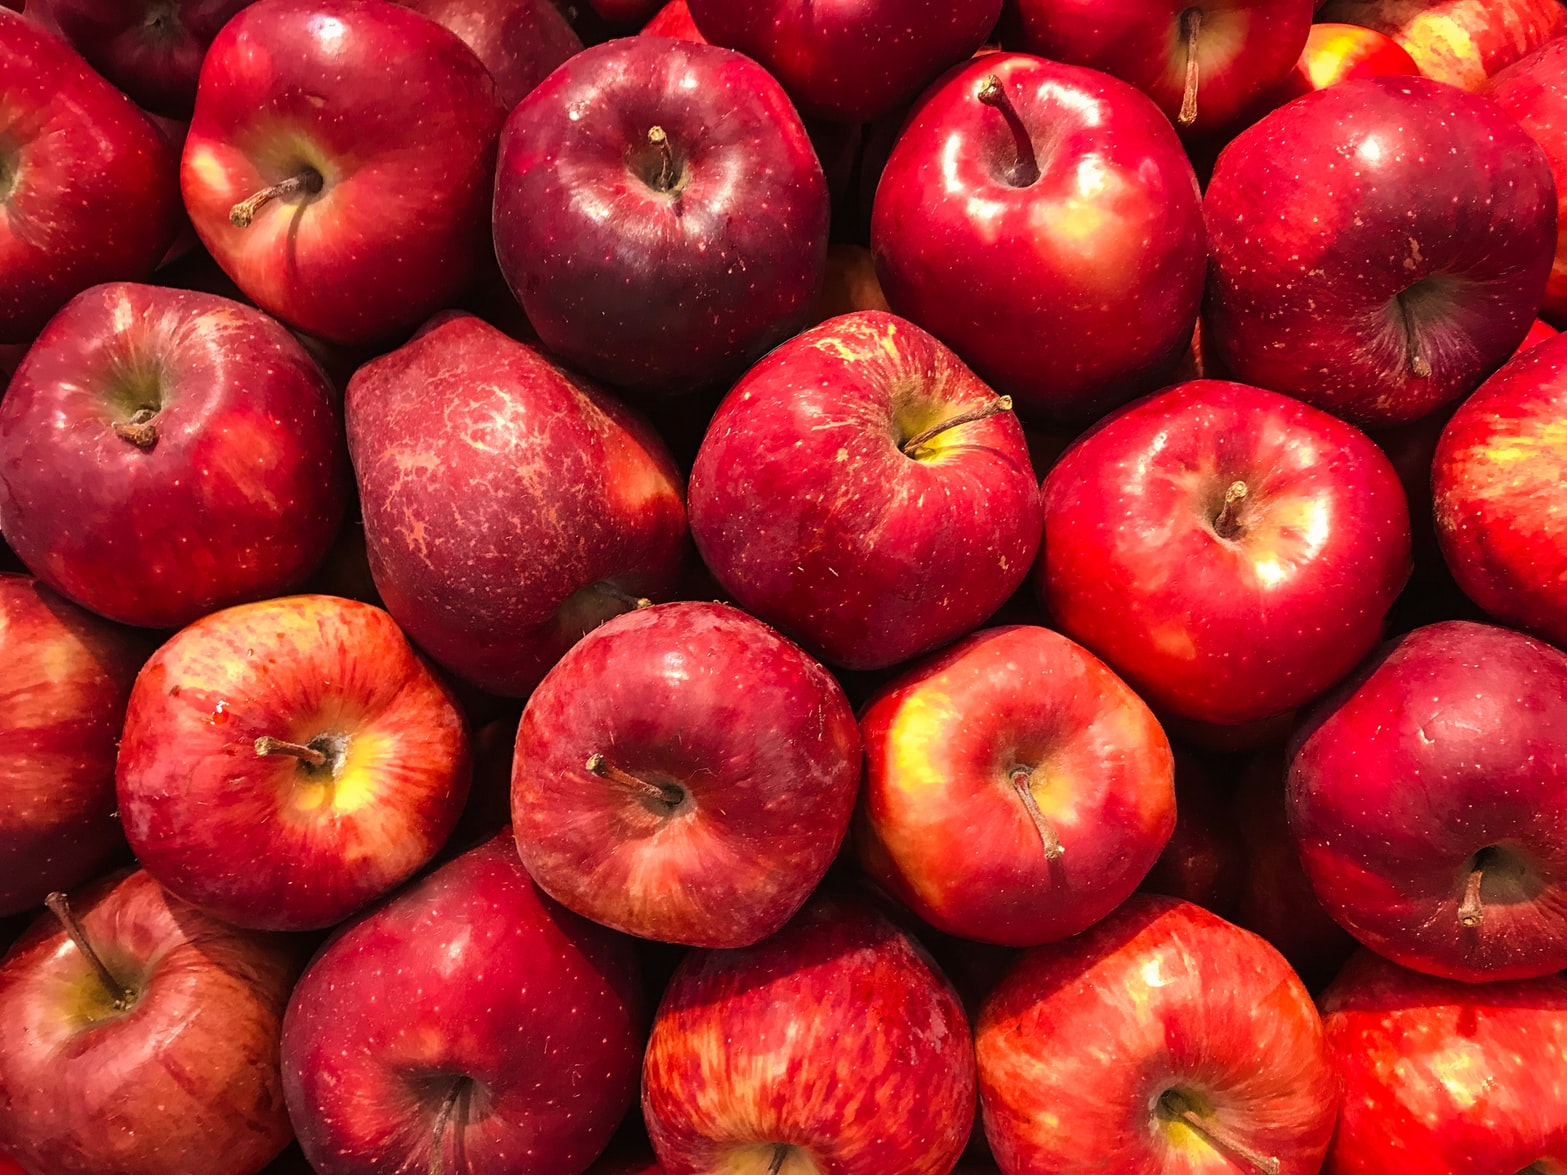 Mito ou verdade: maçã dá fome?